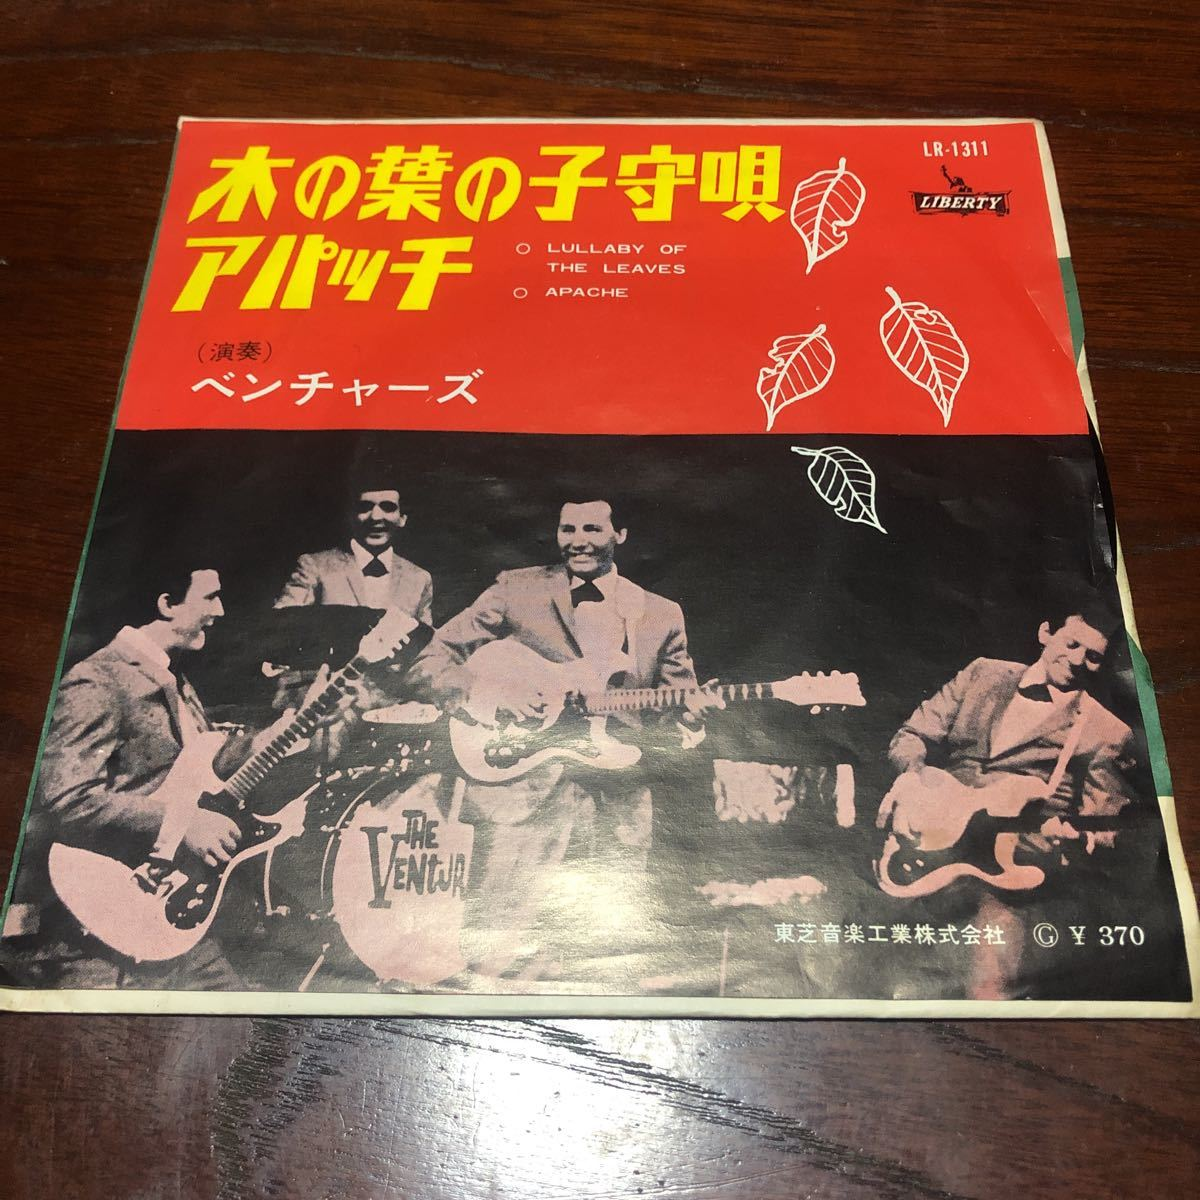 ザ・ベンチャーズ 木の葉の子守唄 国内盤7インチシングルレコード